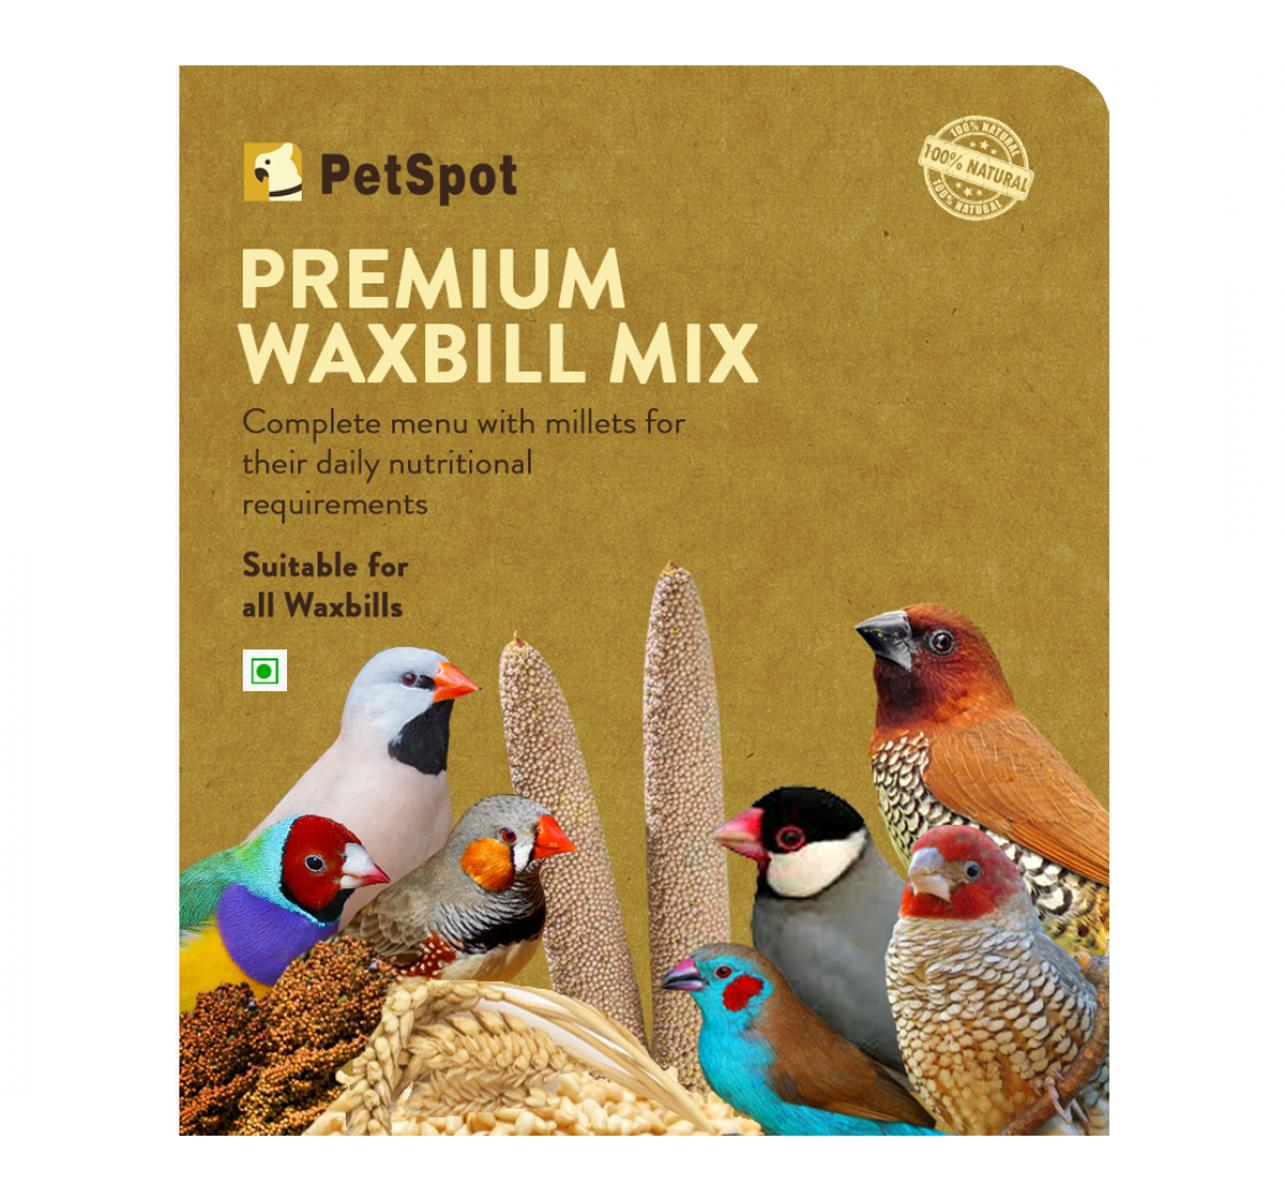 PetSpot Premium Wax Bill Mix - 800 gm